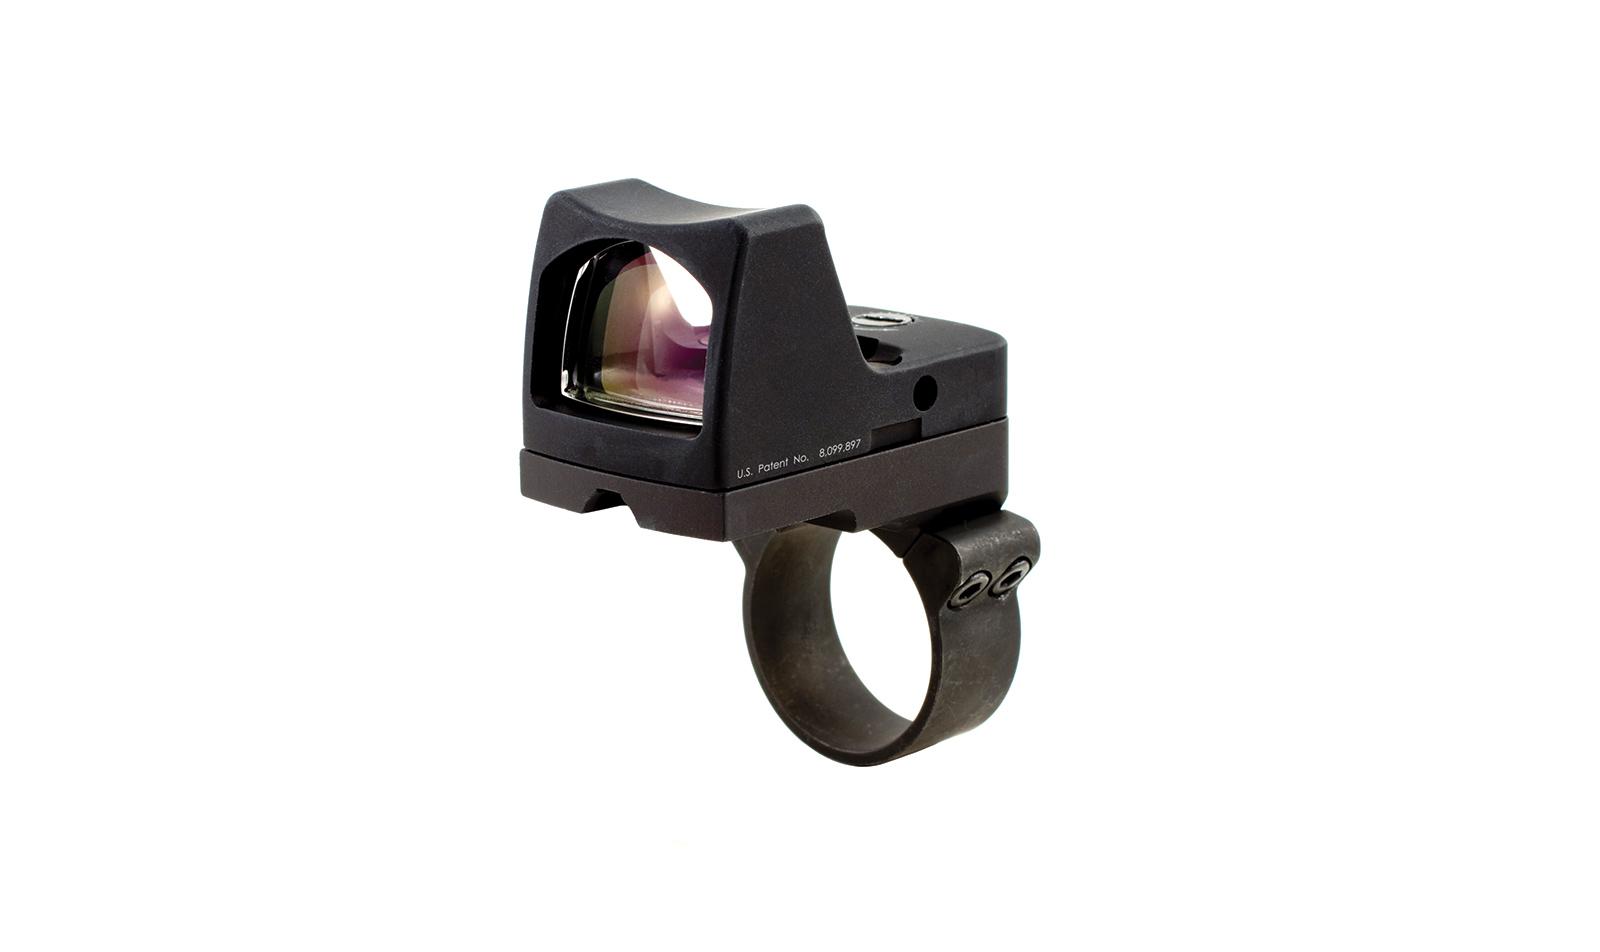 RM01-C-700605 angle 1